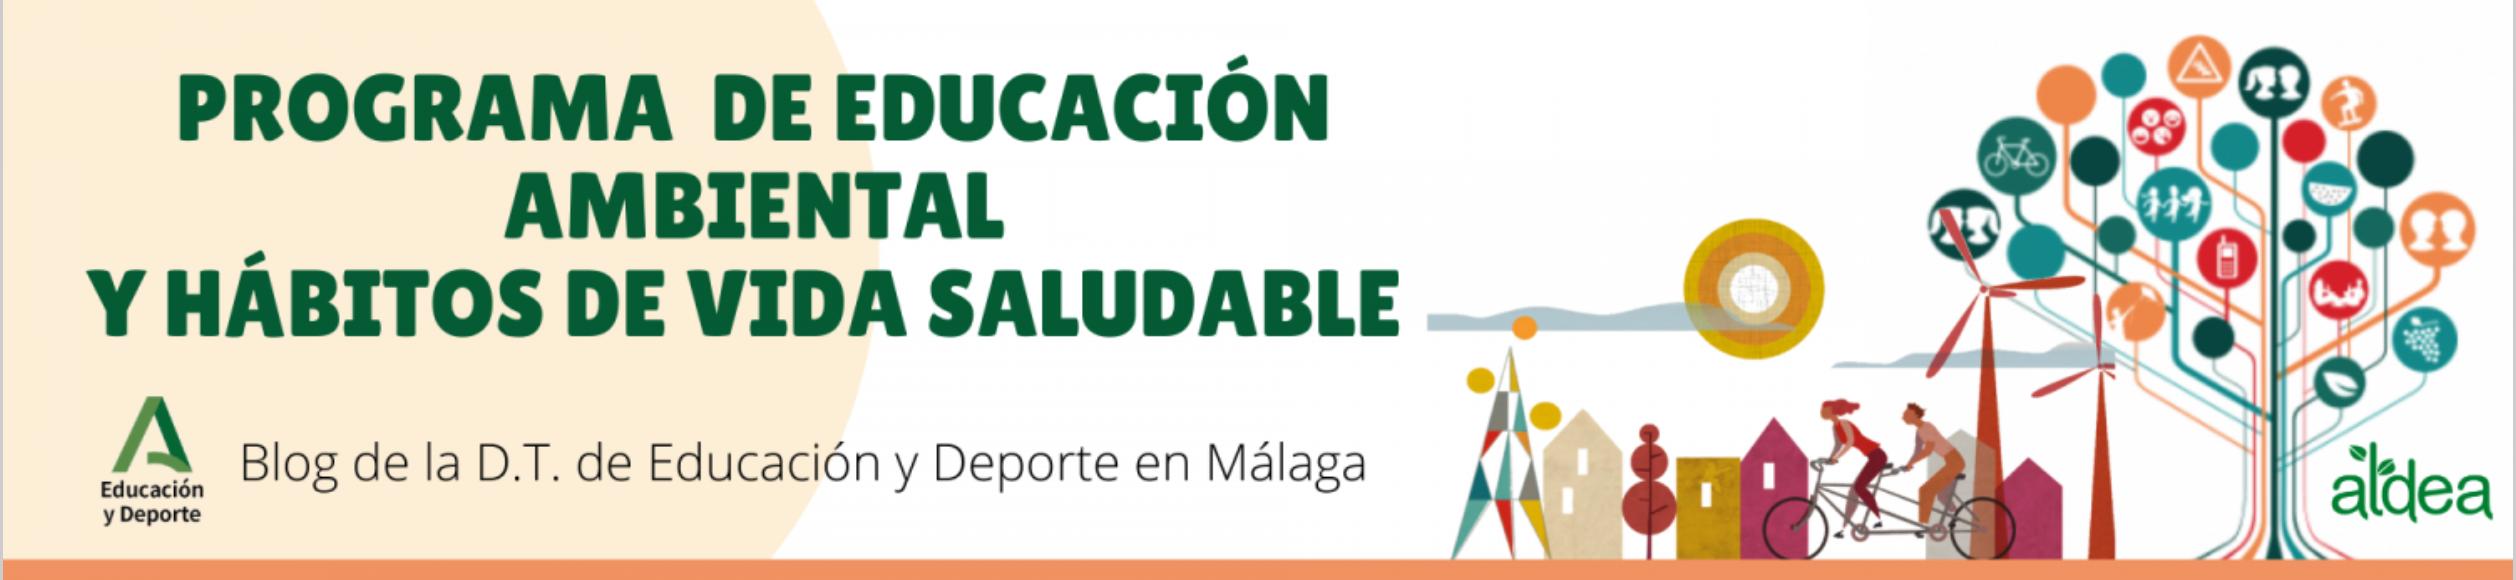 EDUCACIÓN AMBIENTAL Y HÁBITOS DE VIDA SALUDABLE